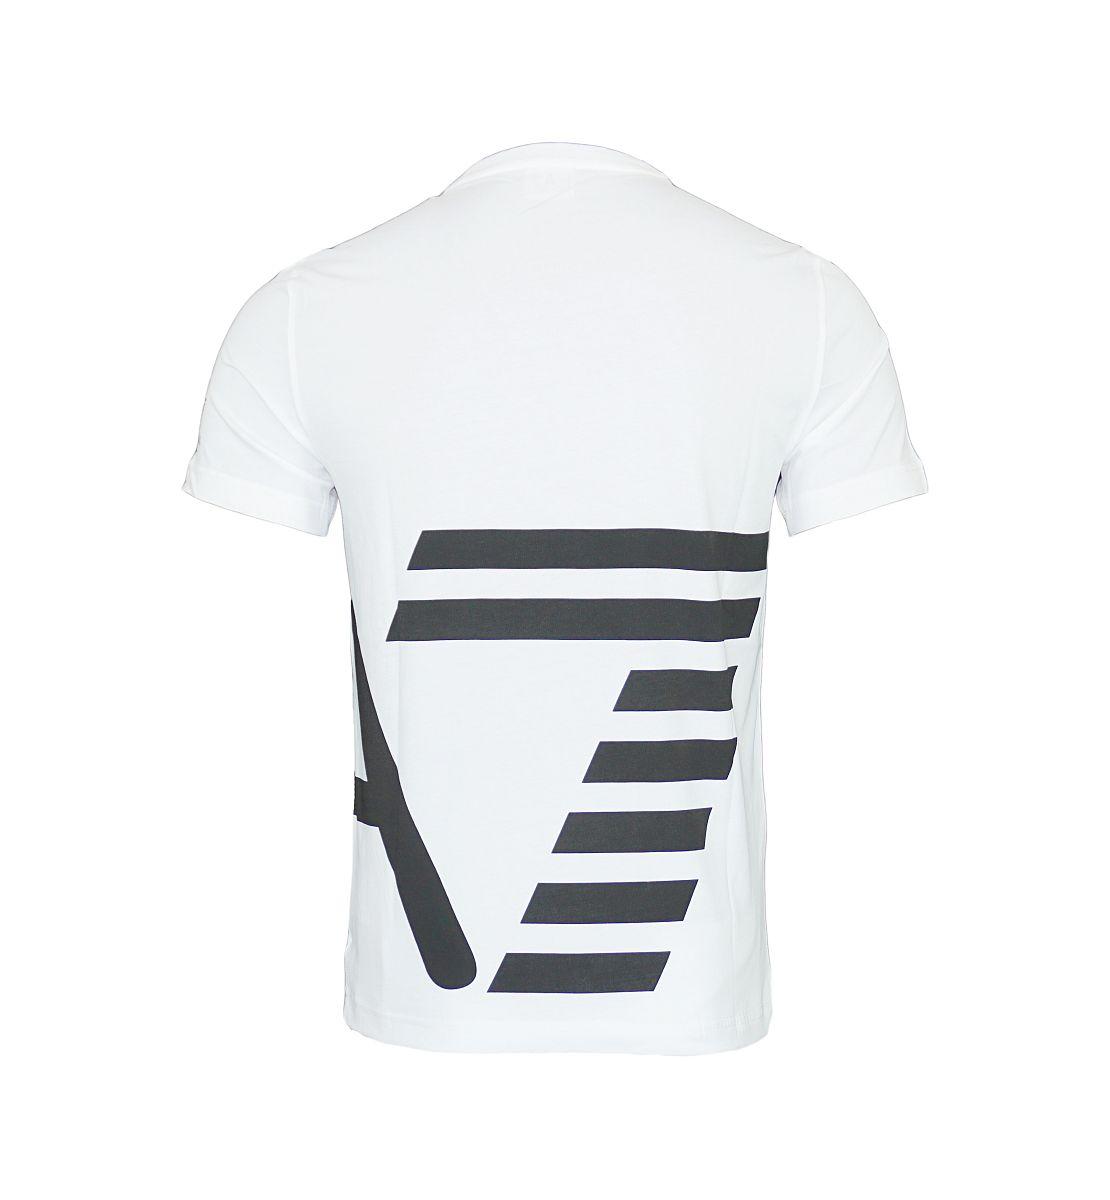 EA7 Emporio Armani T-Shirt Rundhals 6YPTB8 PJH7Z 1100 White HW17-EATS1